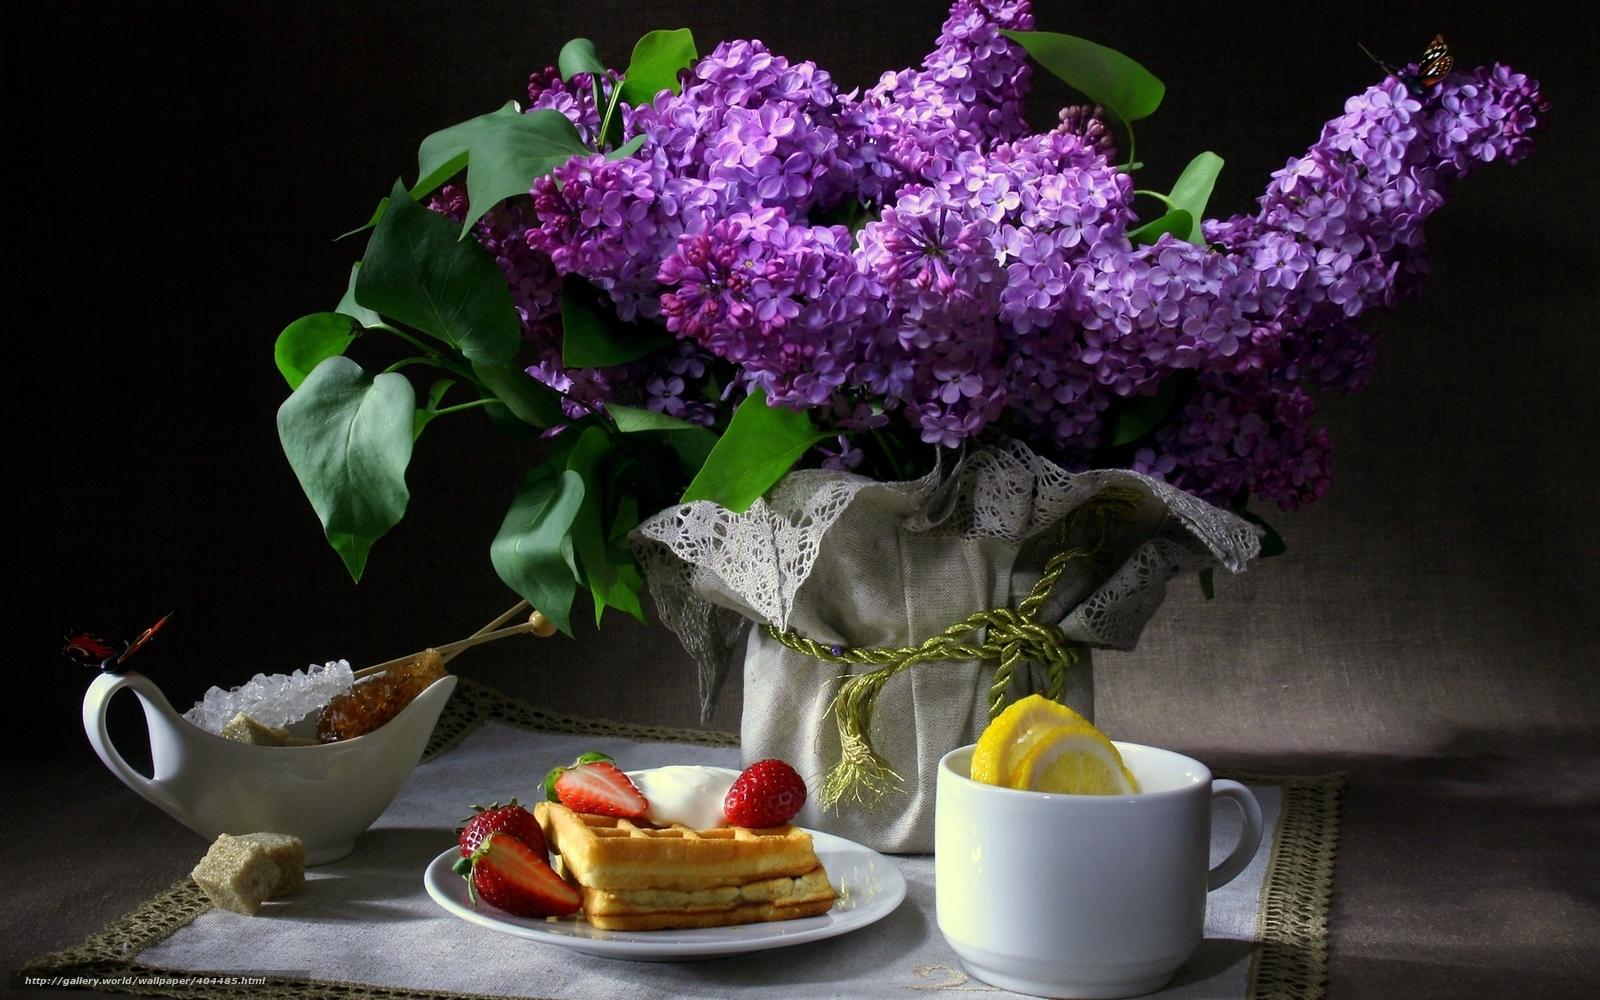 Скачать обои натюрморт, цветы, сирень, бабочки бесплатно для рабочего стола в разрешении 1680x1050 — картинка №404485